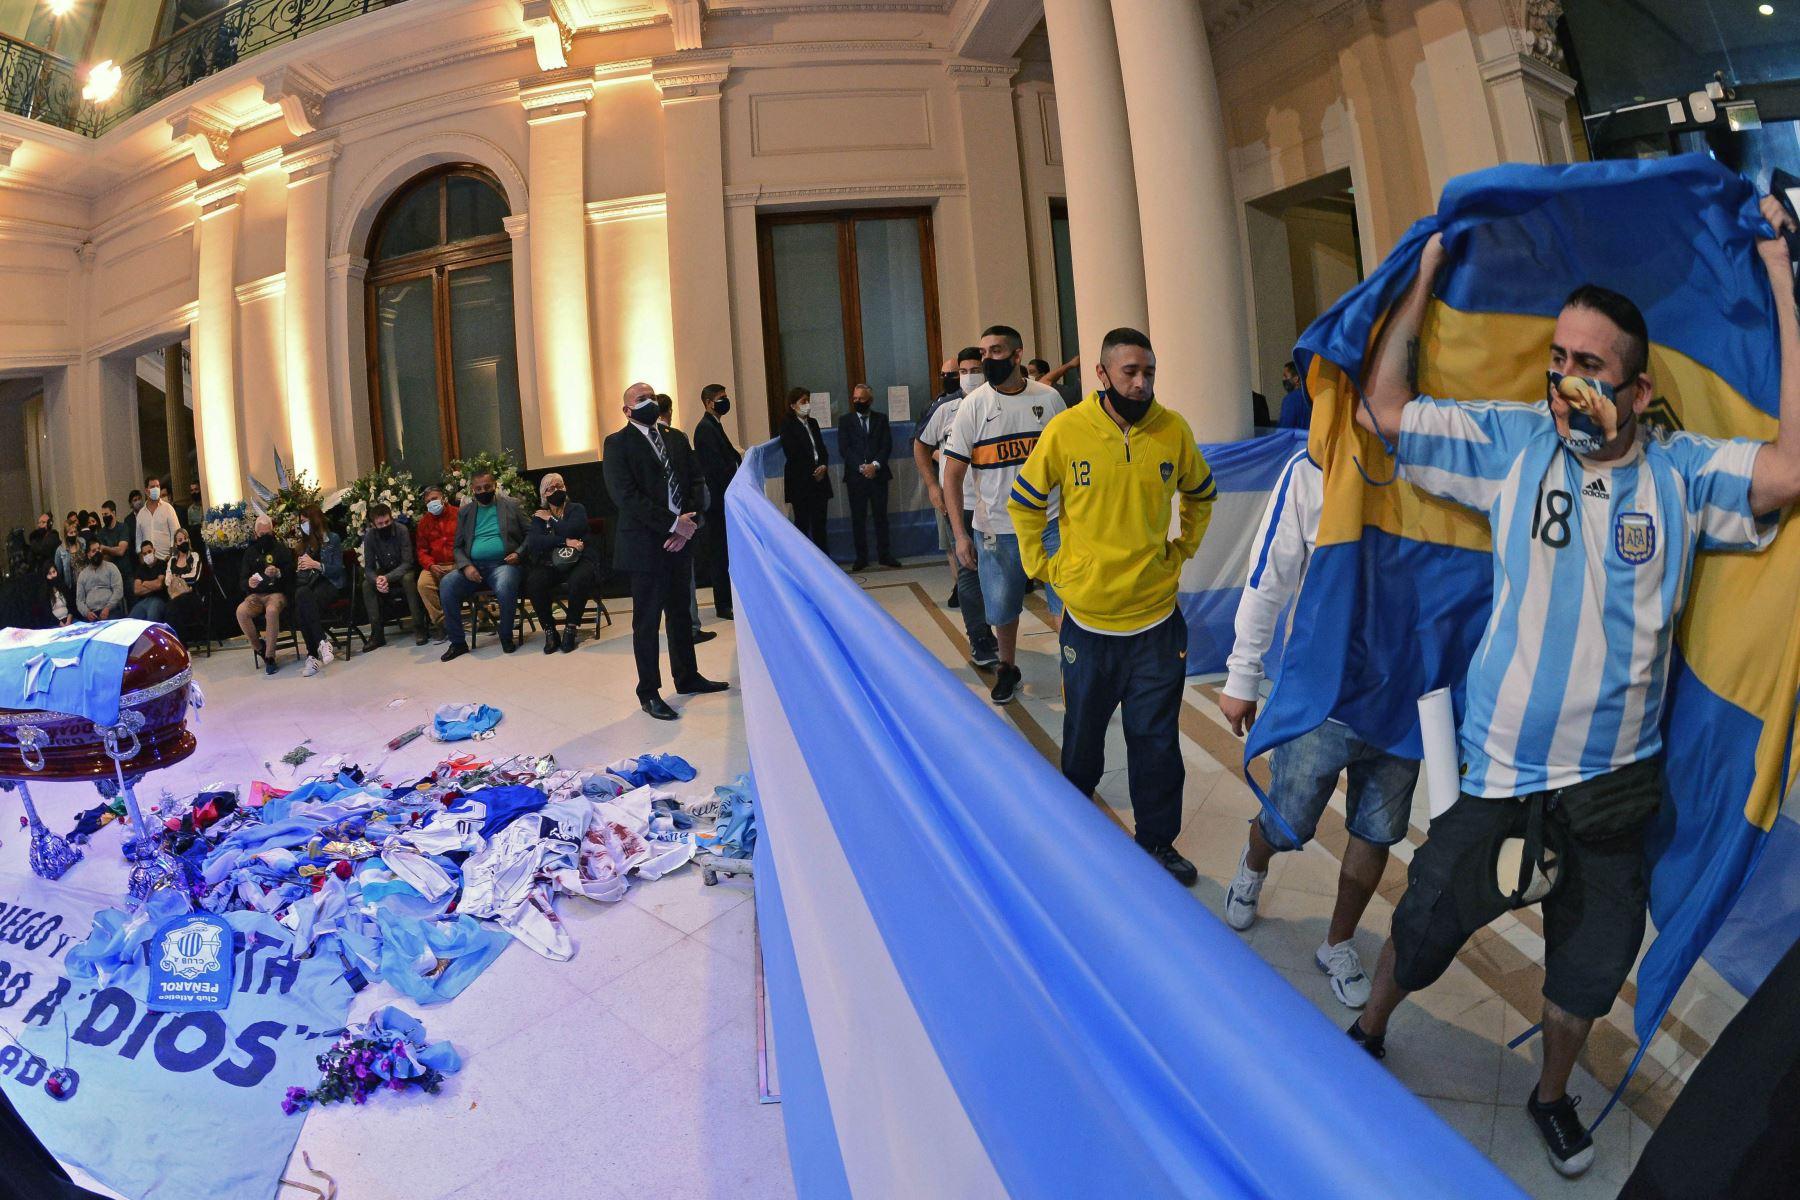 Hinchas que rinden homenaje al ataúd de la leyenda del fútbol argentino Diego Maradona en la capilla del palacio presidencial de la Casa Rosada en Buenos Aires. Foto: AFP